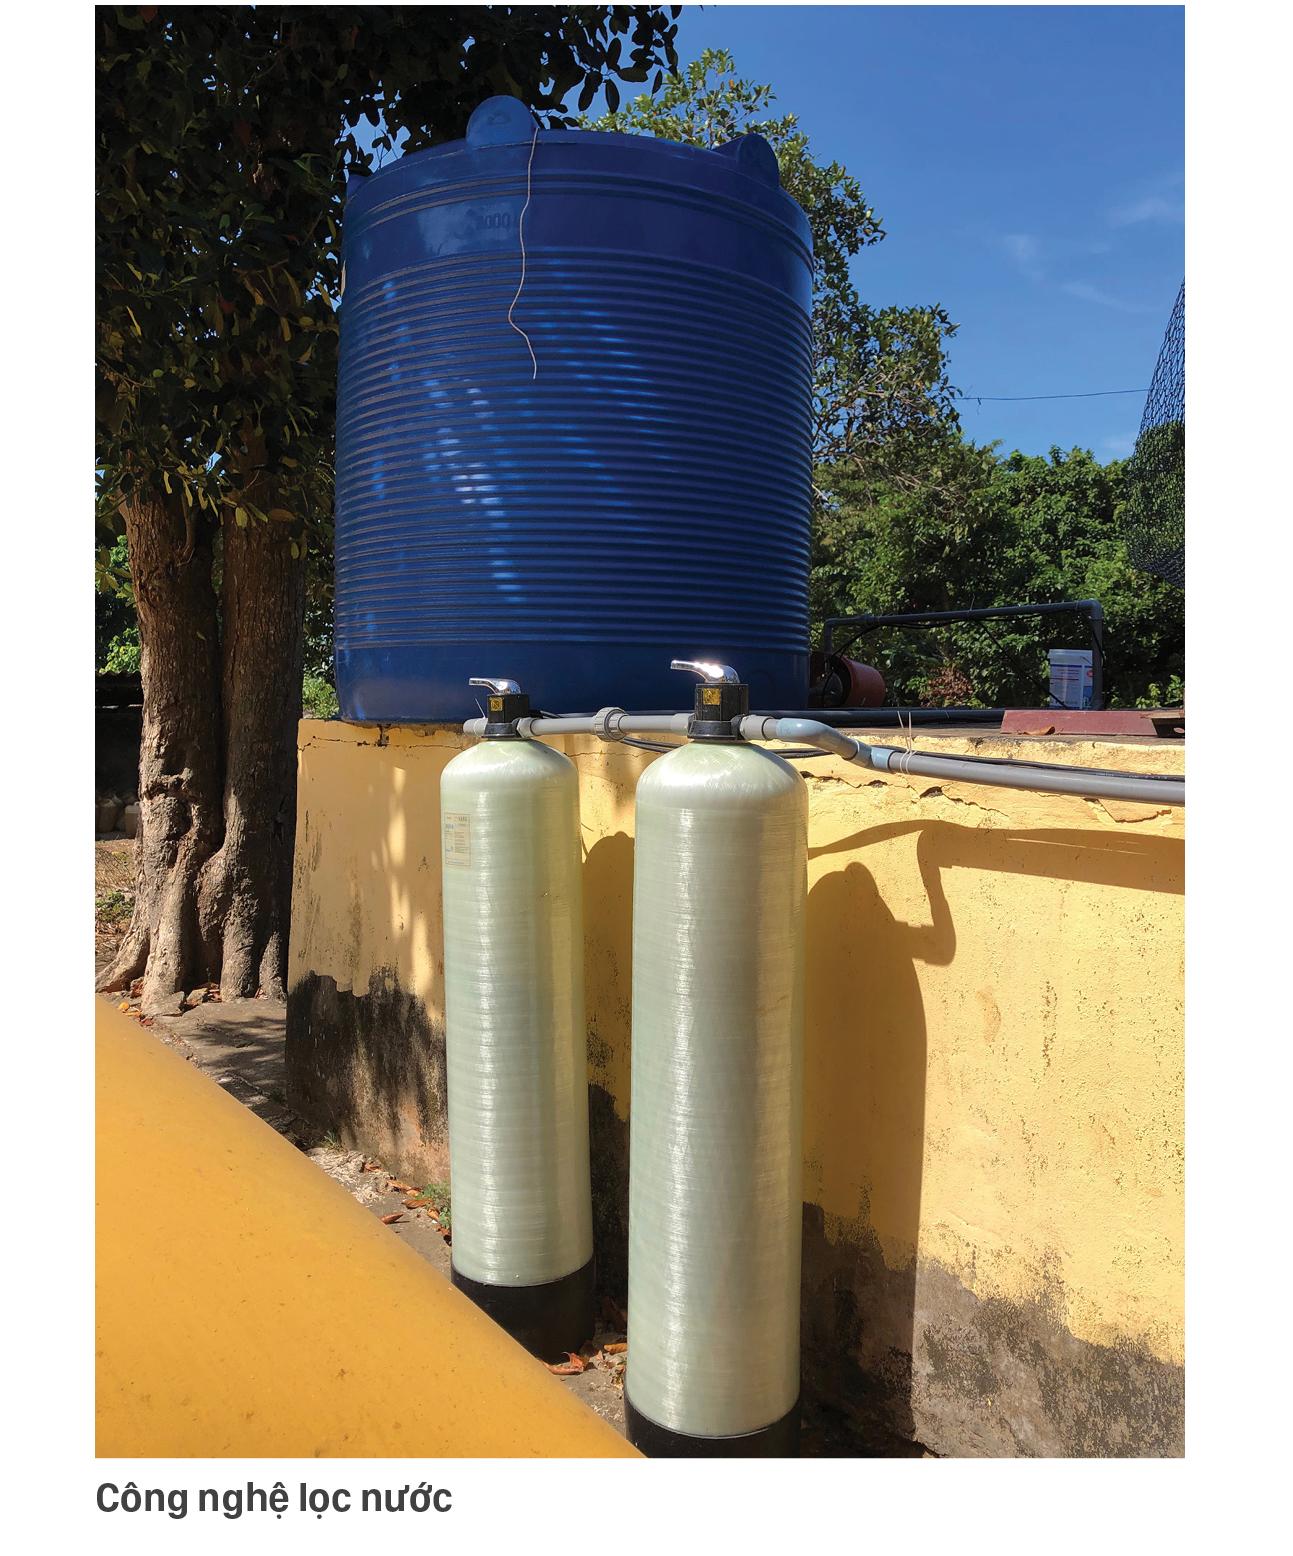 Thiếu nước ngọt và cách ứng phó của người dân ĐBSCL ảnh 7